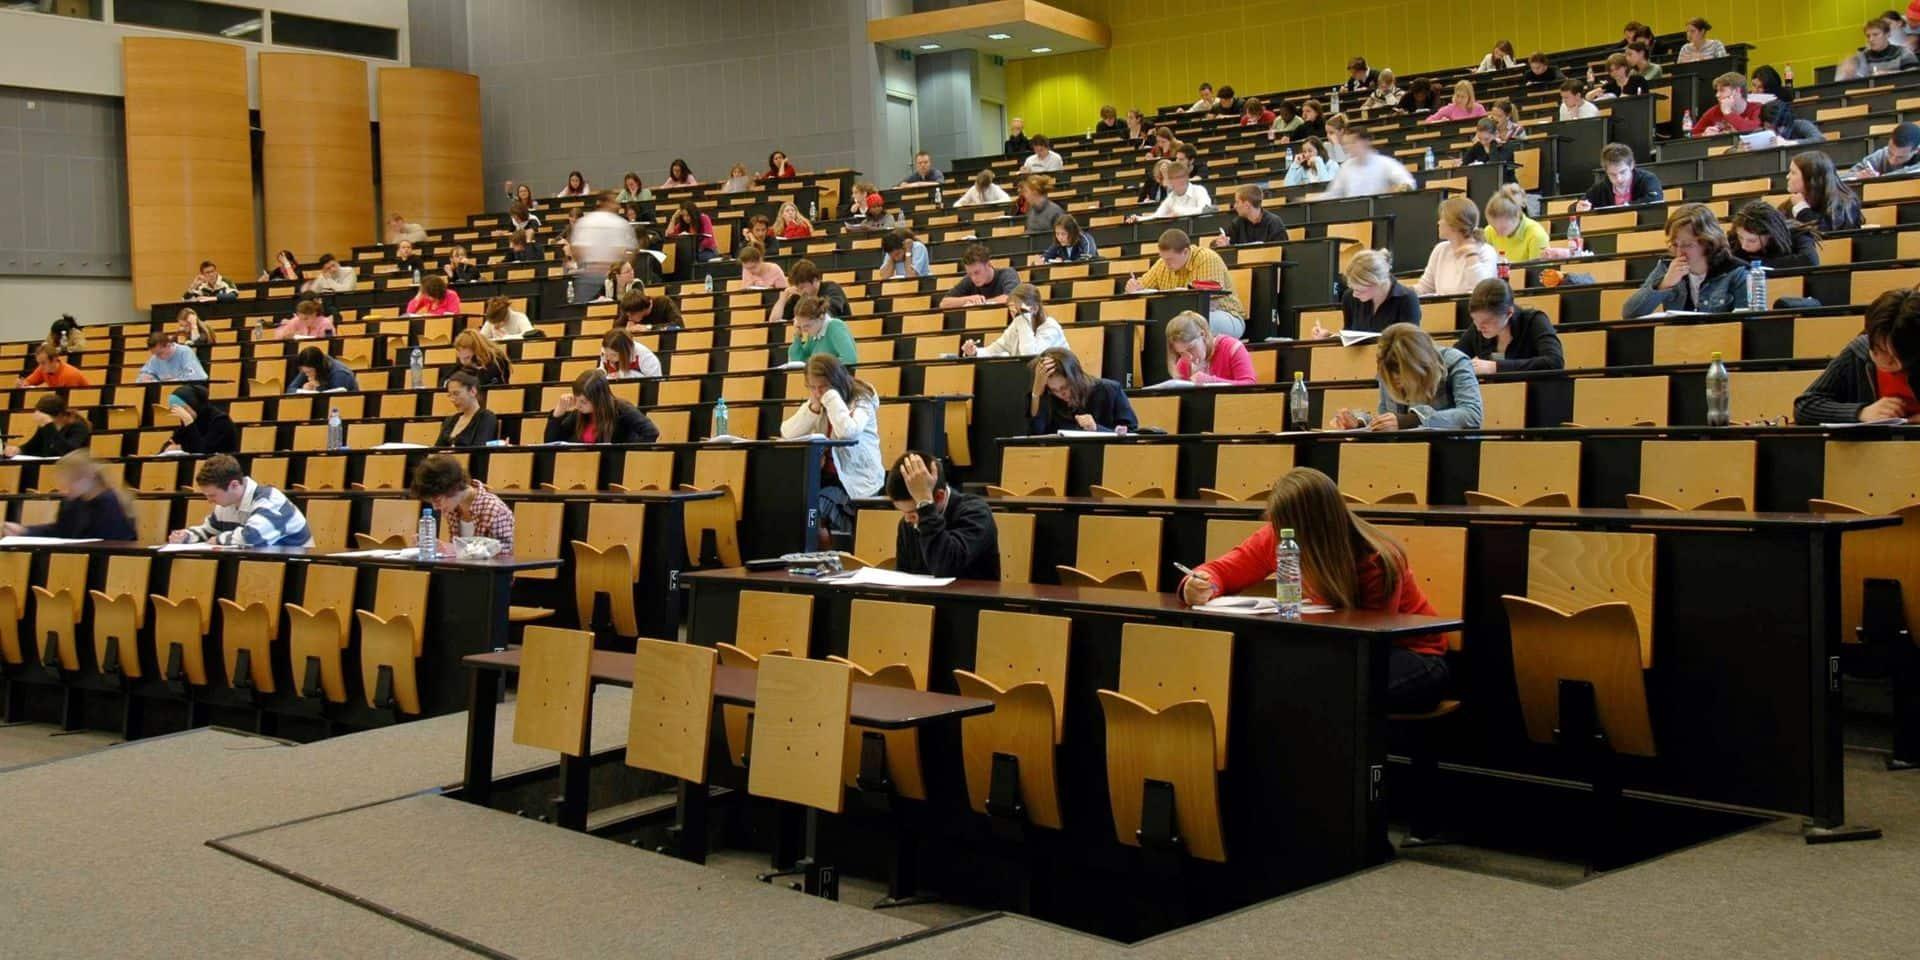 Maintenir les évaluations pour favoriser la responsabilisation des étudiants